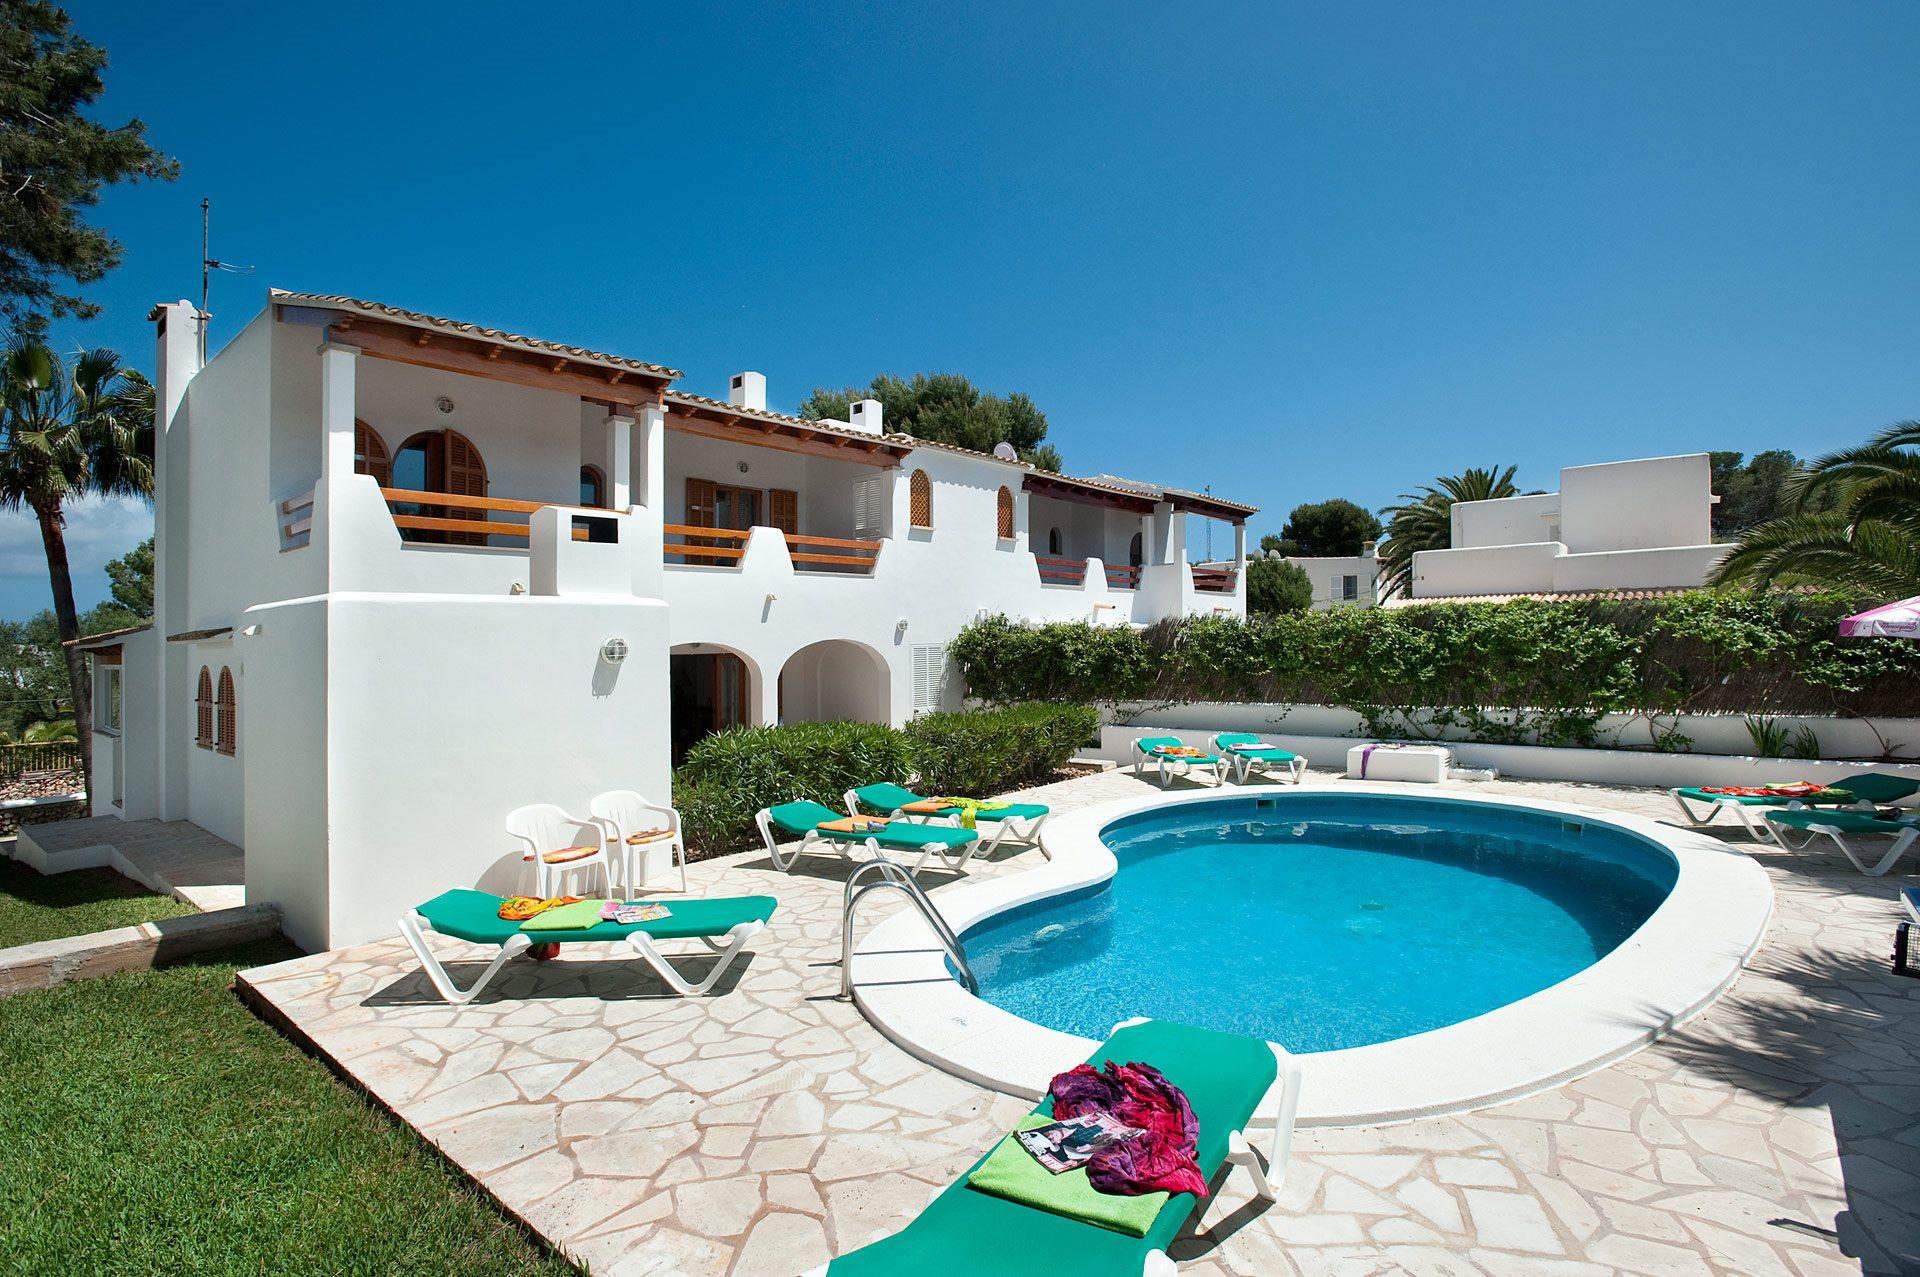 Villa Rudi, Cala D'or, Majorca, Spain